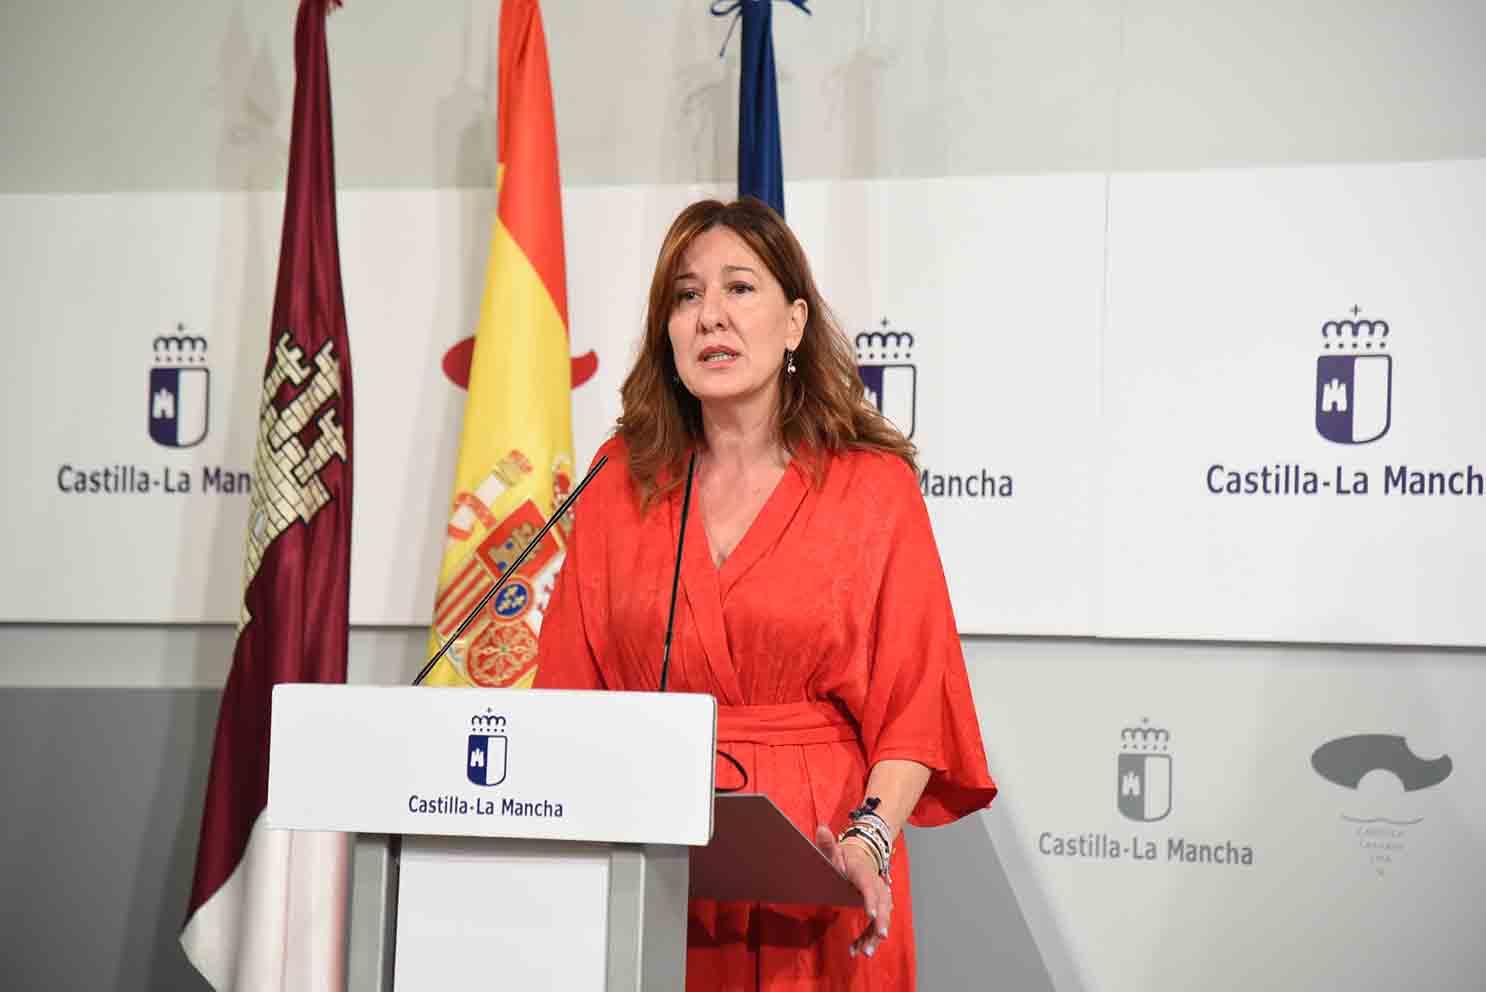 La portavoz del Gobierno de Castilla-La Mancha, Blanca Fernández.